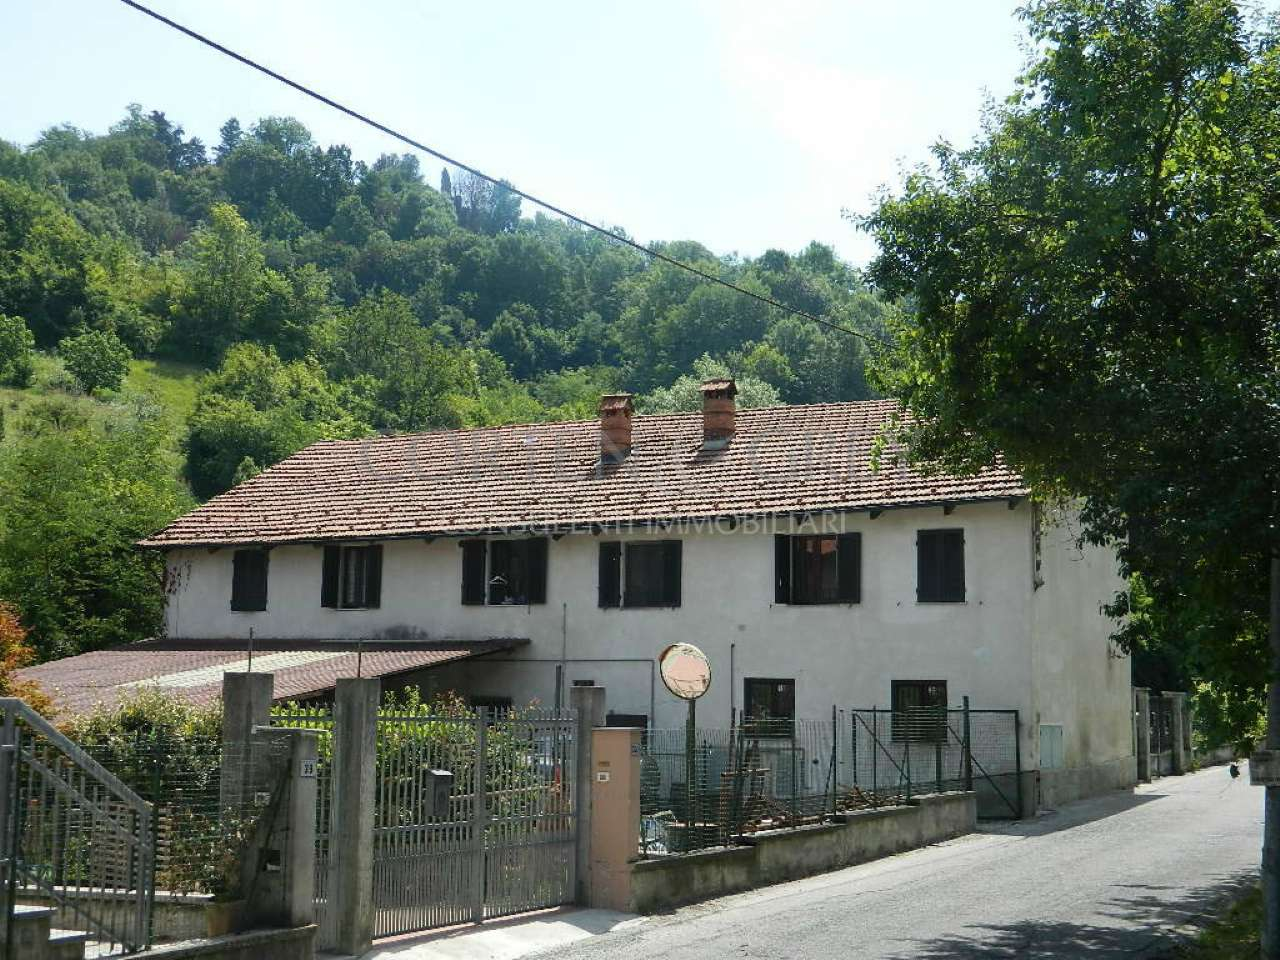 Appartamento in vendita a Castiglione Torinese, 6 locali, prezzo € 110.000 | CambioCasa.it